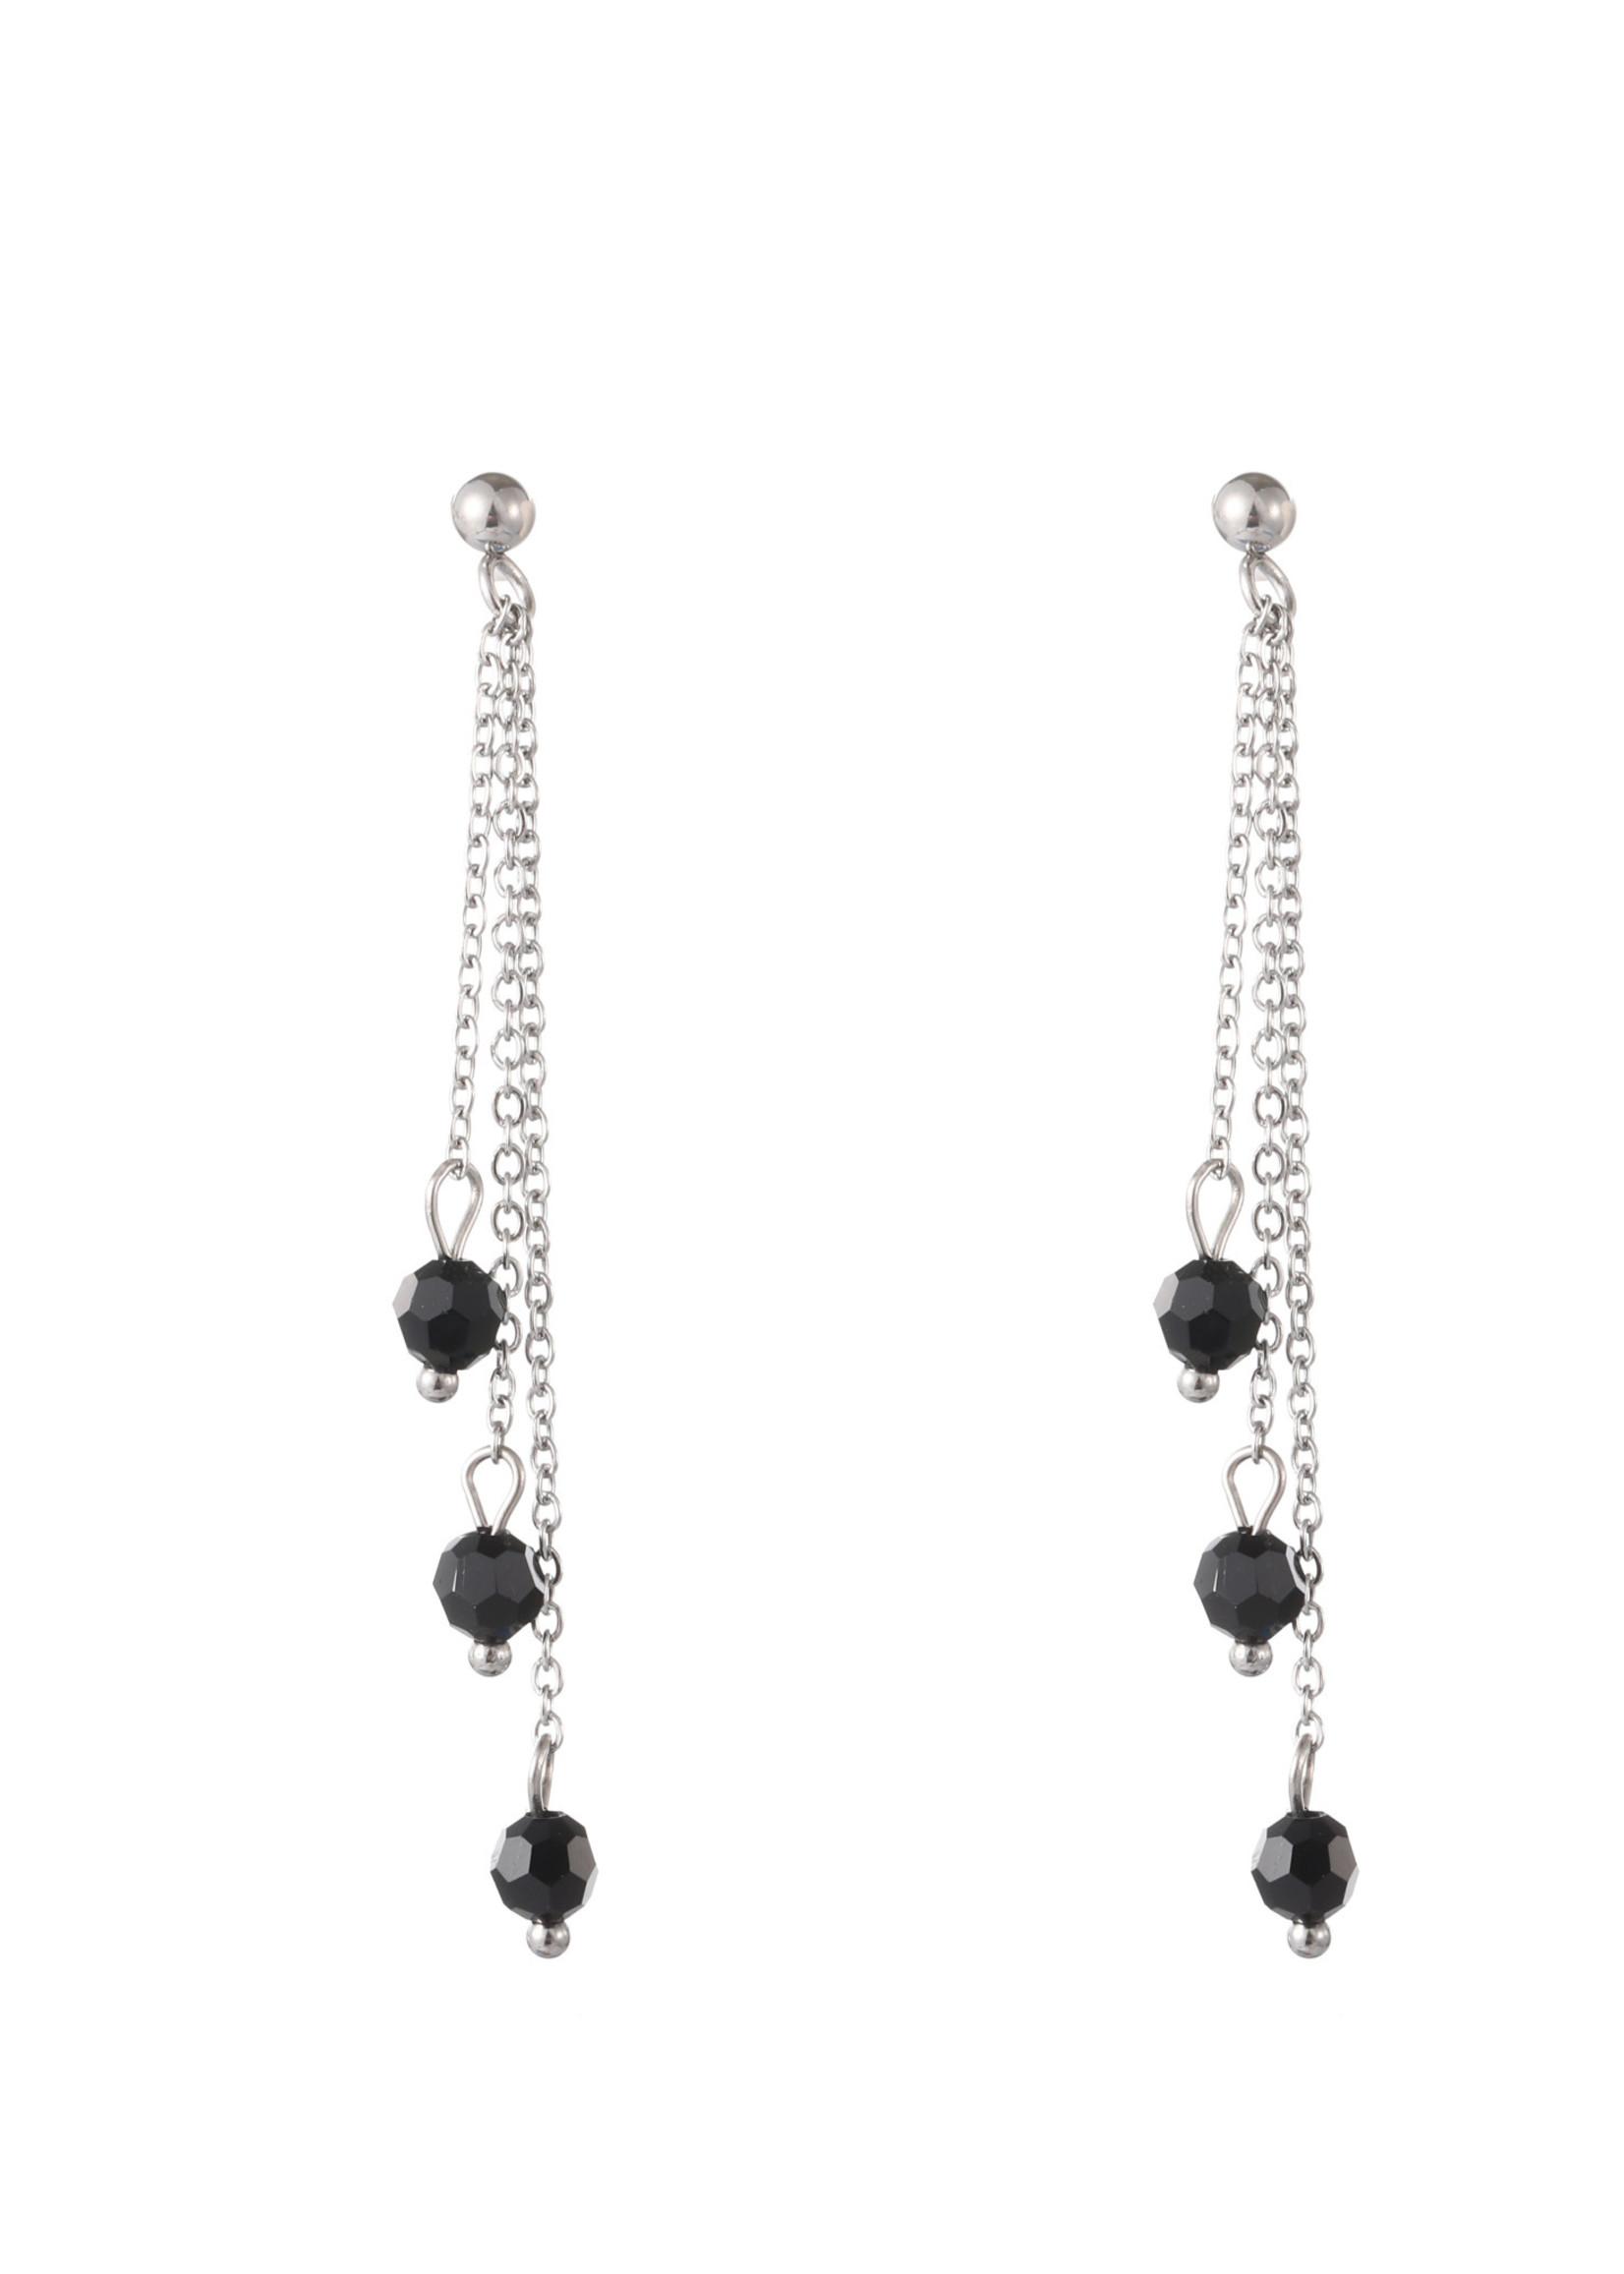 Oorbel zilver met 3 zwart steentjes E1819-1